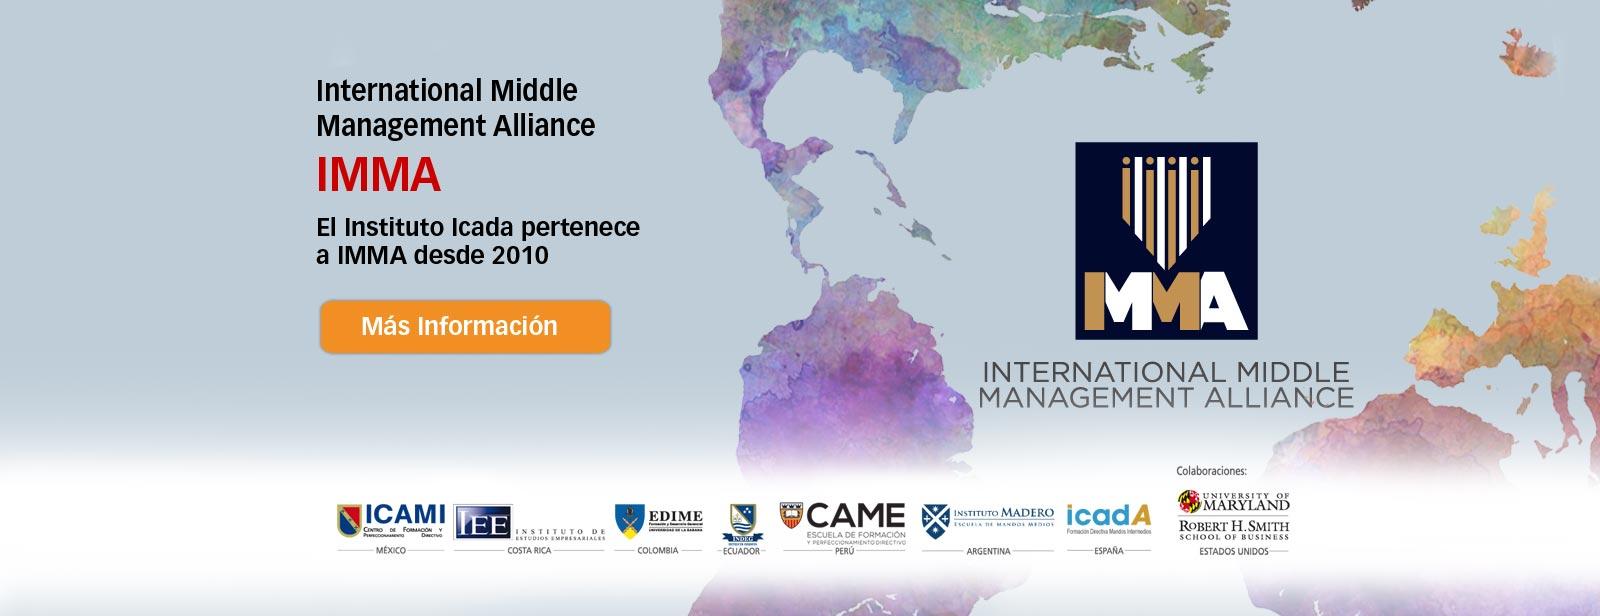 IMMA-alianza-icada